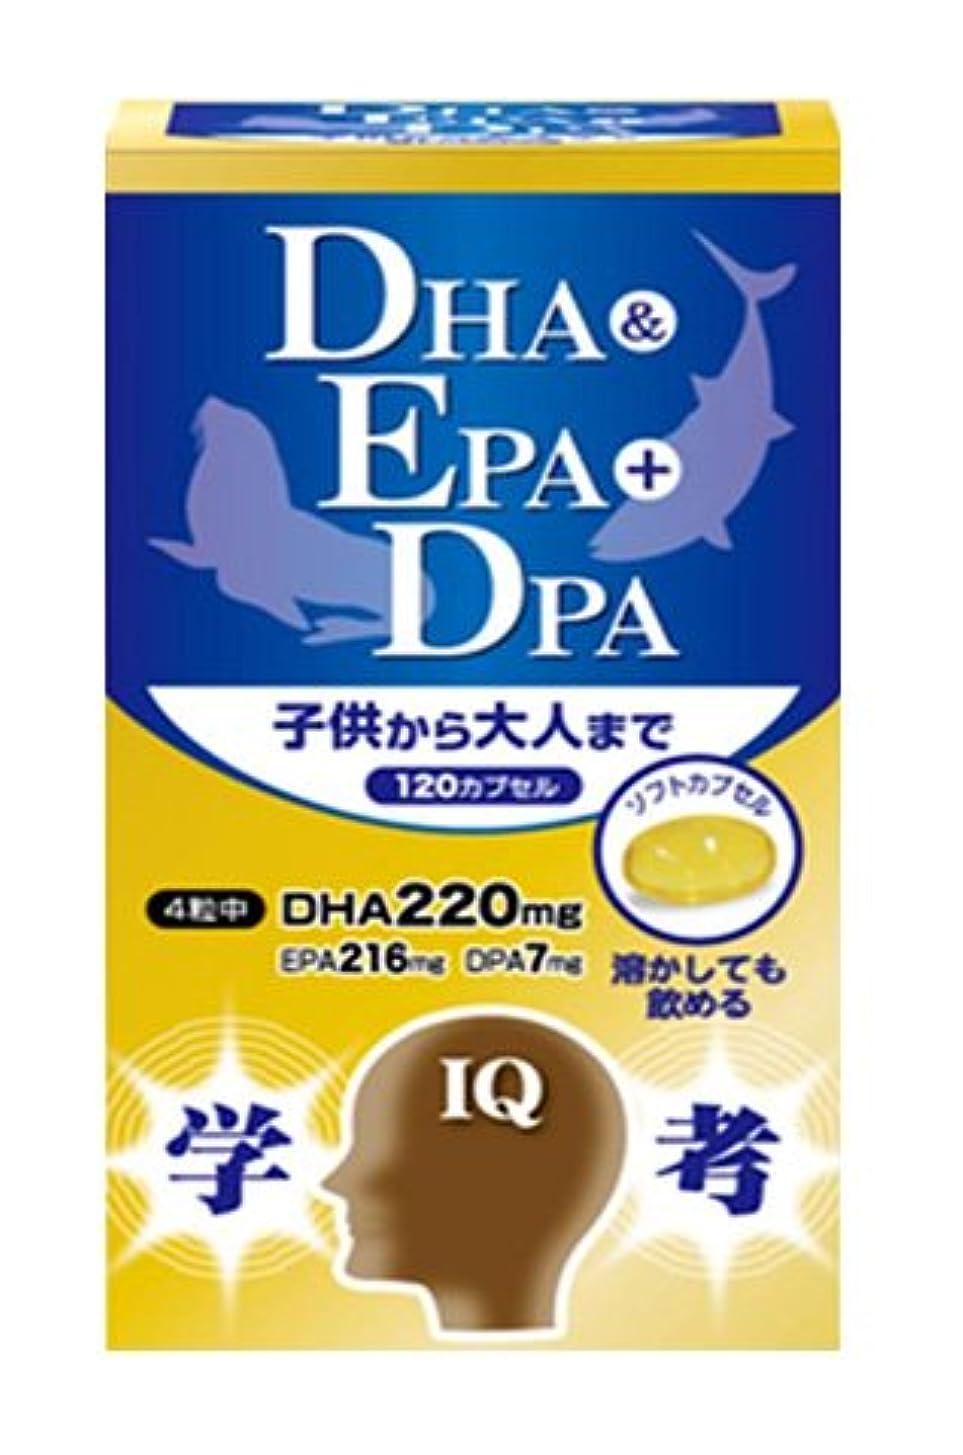 背景デンマーク語呼ぶ三供堂漢方 DHA&EPA+DPA 290mg×120粒×5個セット